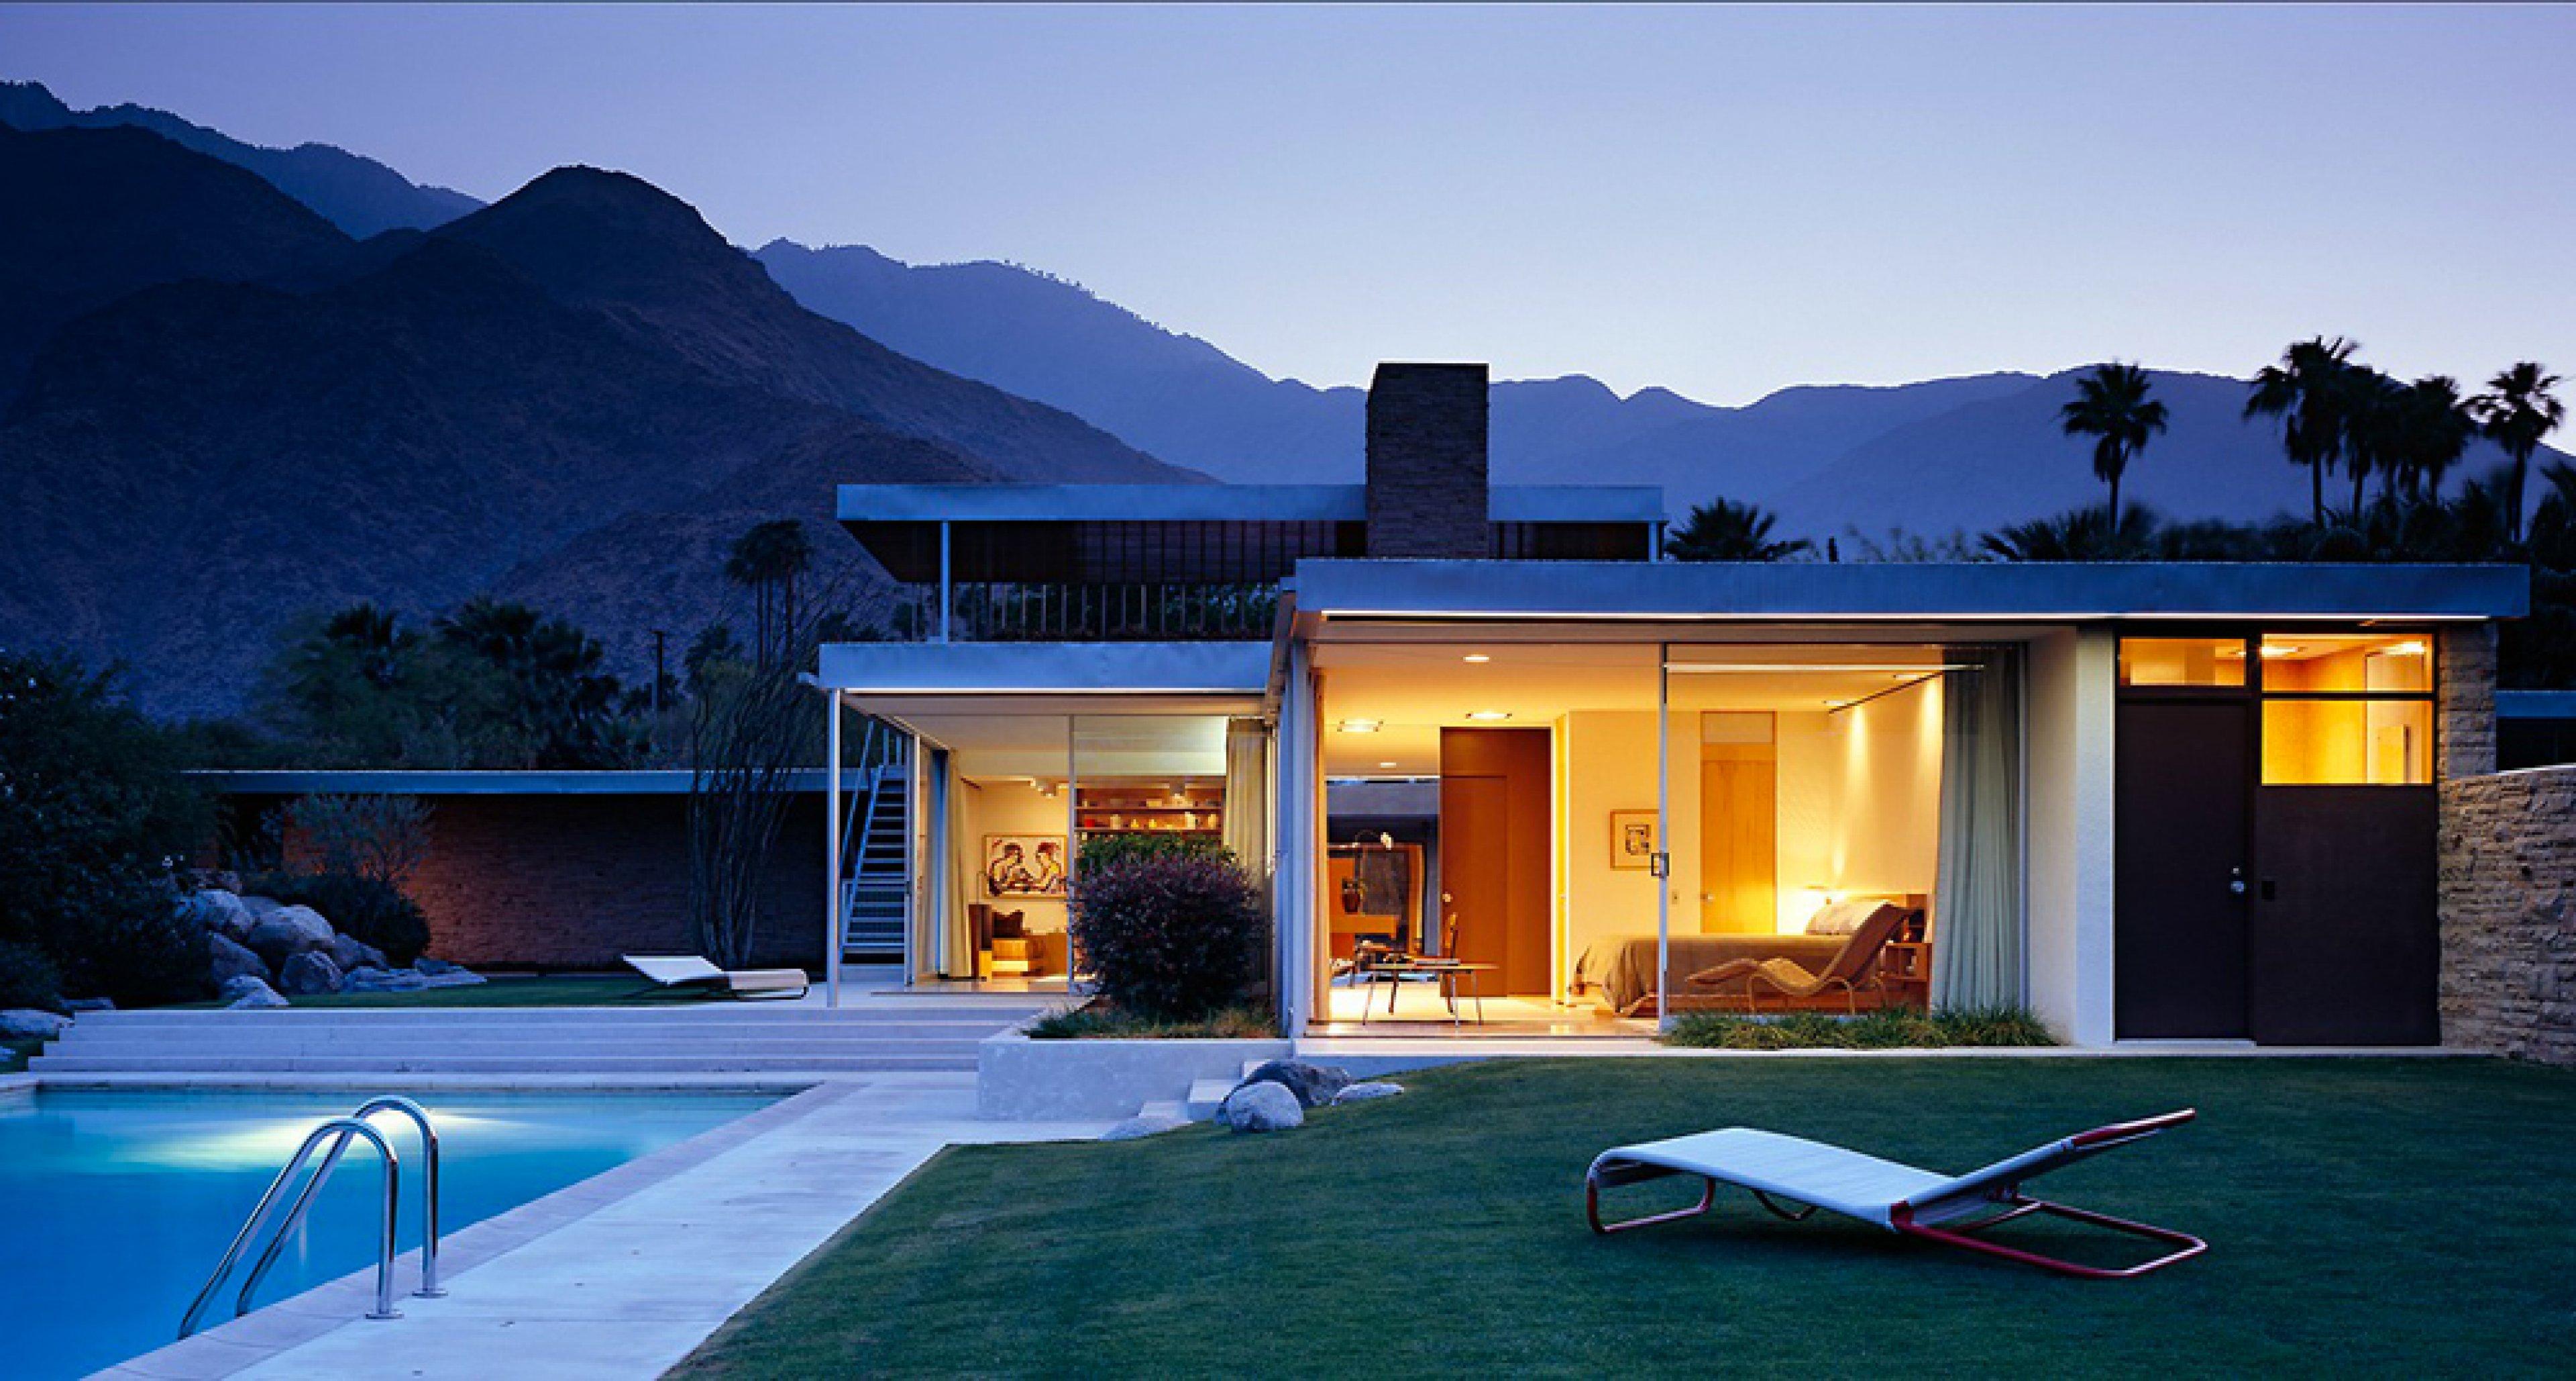 Neutra Waschbecken ikonen des desert modernism die 5 coolsten häuser palm springs